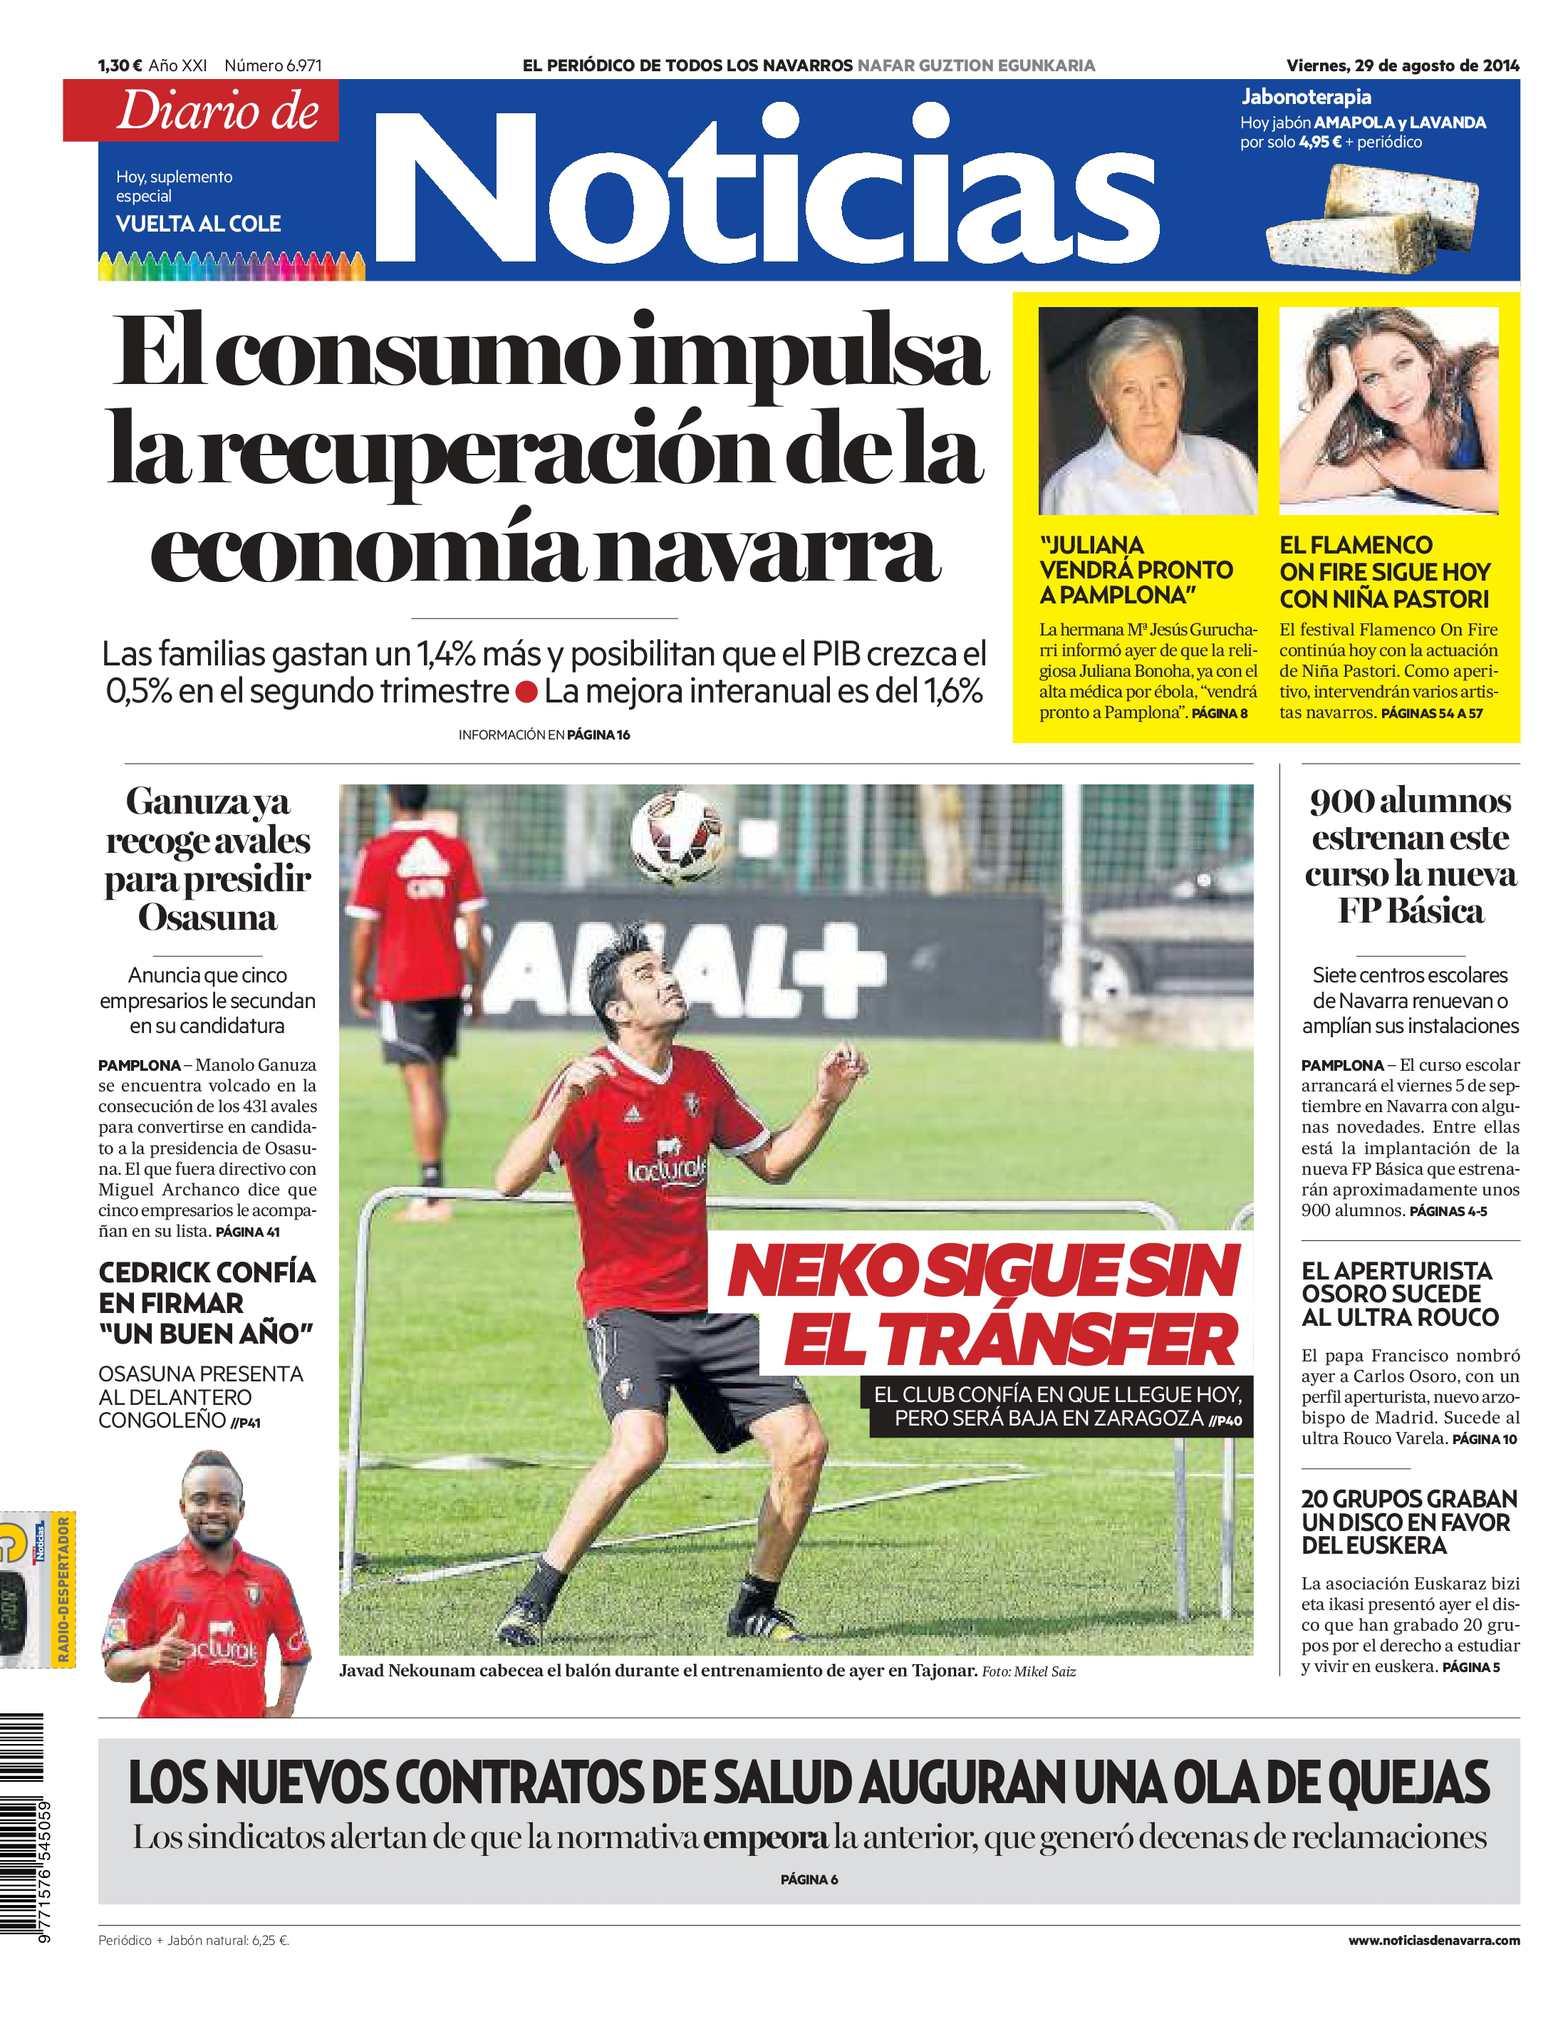 7a16fe467ccab Calaméo - Diario de Noticias 20140829